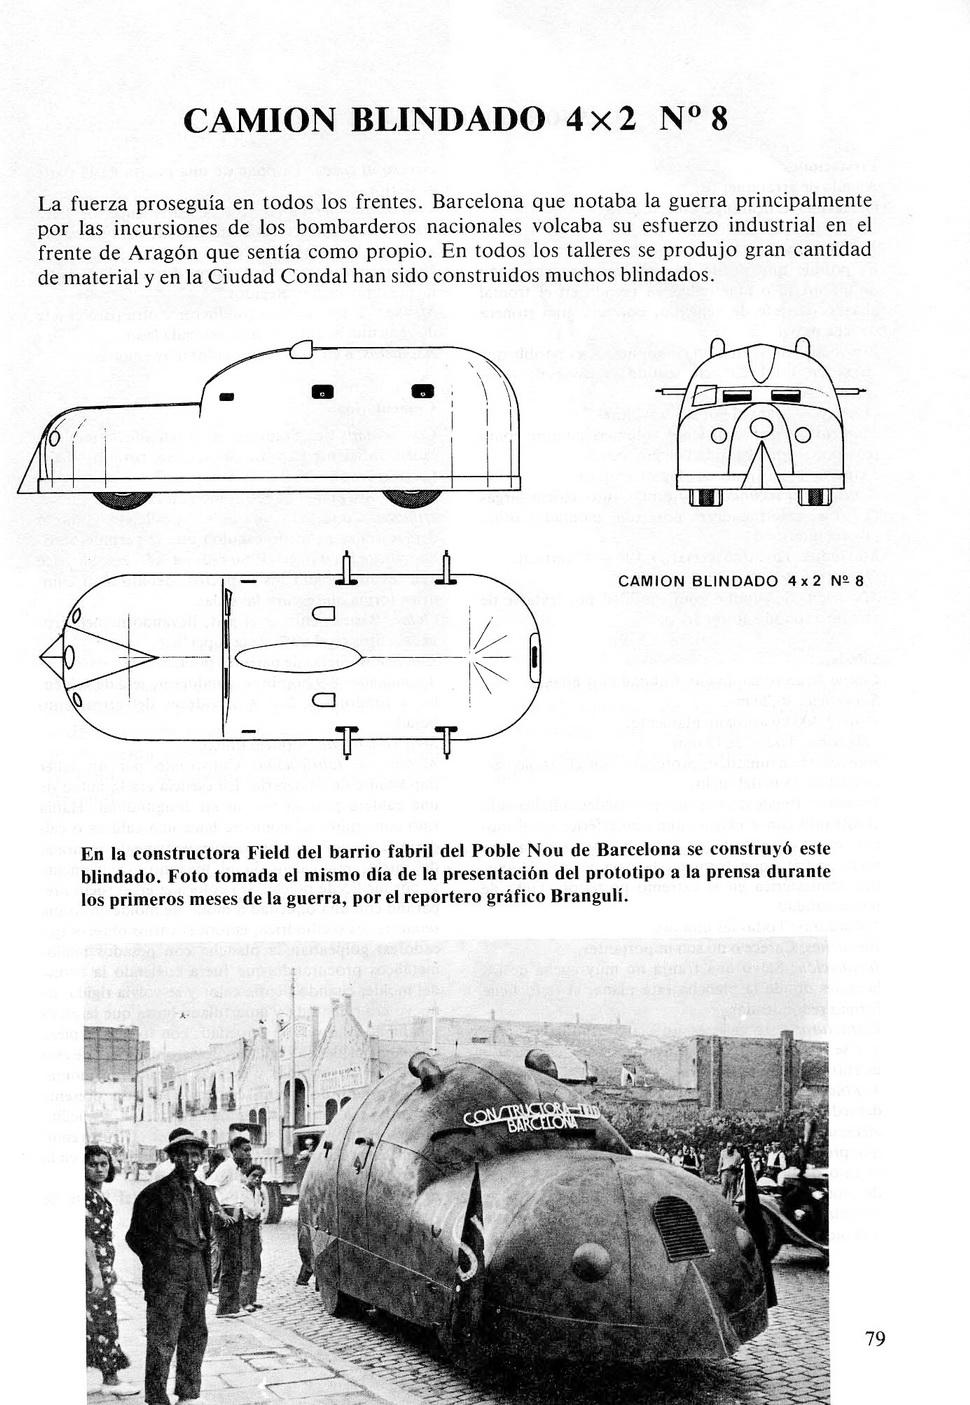 Carros De Combate Y Vehiculos Blindados De La Guerra 1936 1939 [F.C.Albert 1980]_Страница_077.jpg